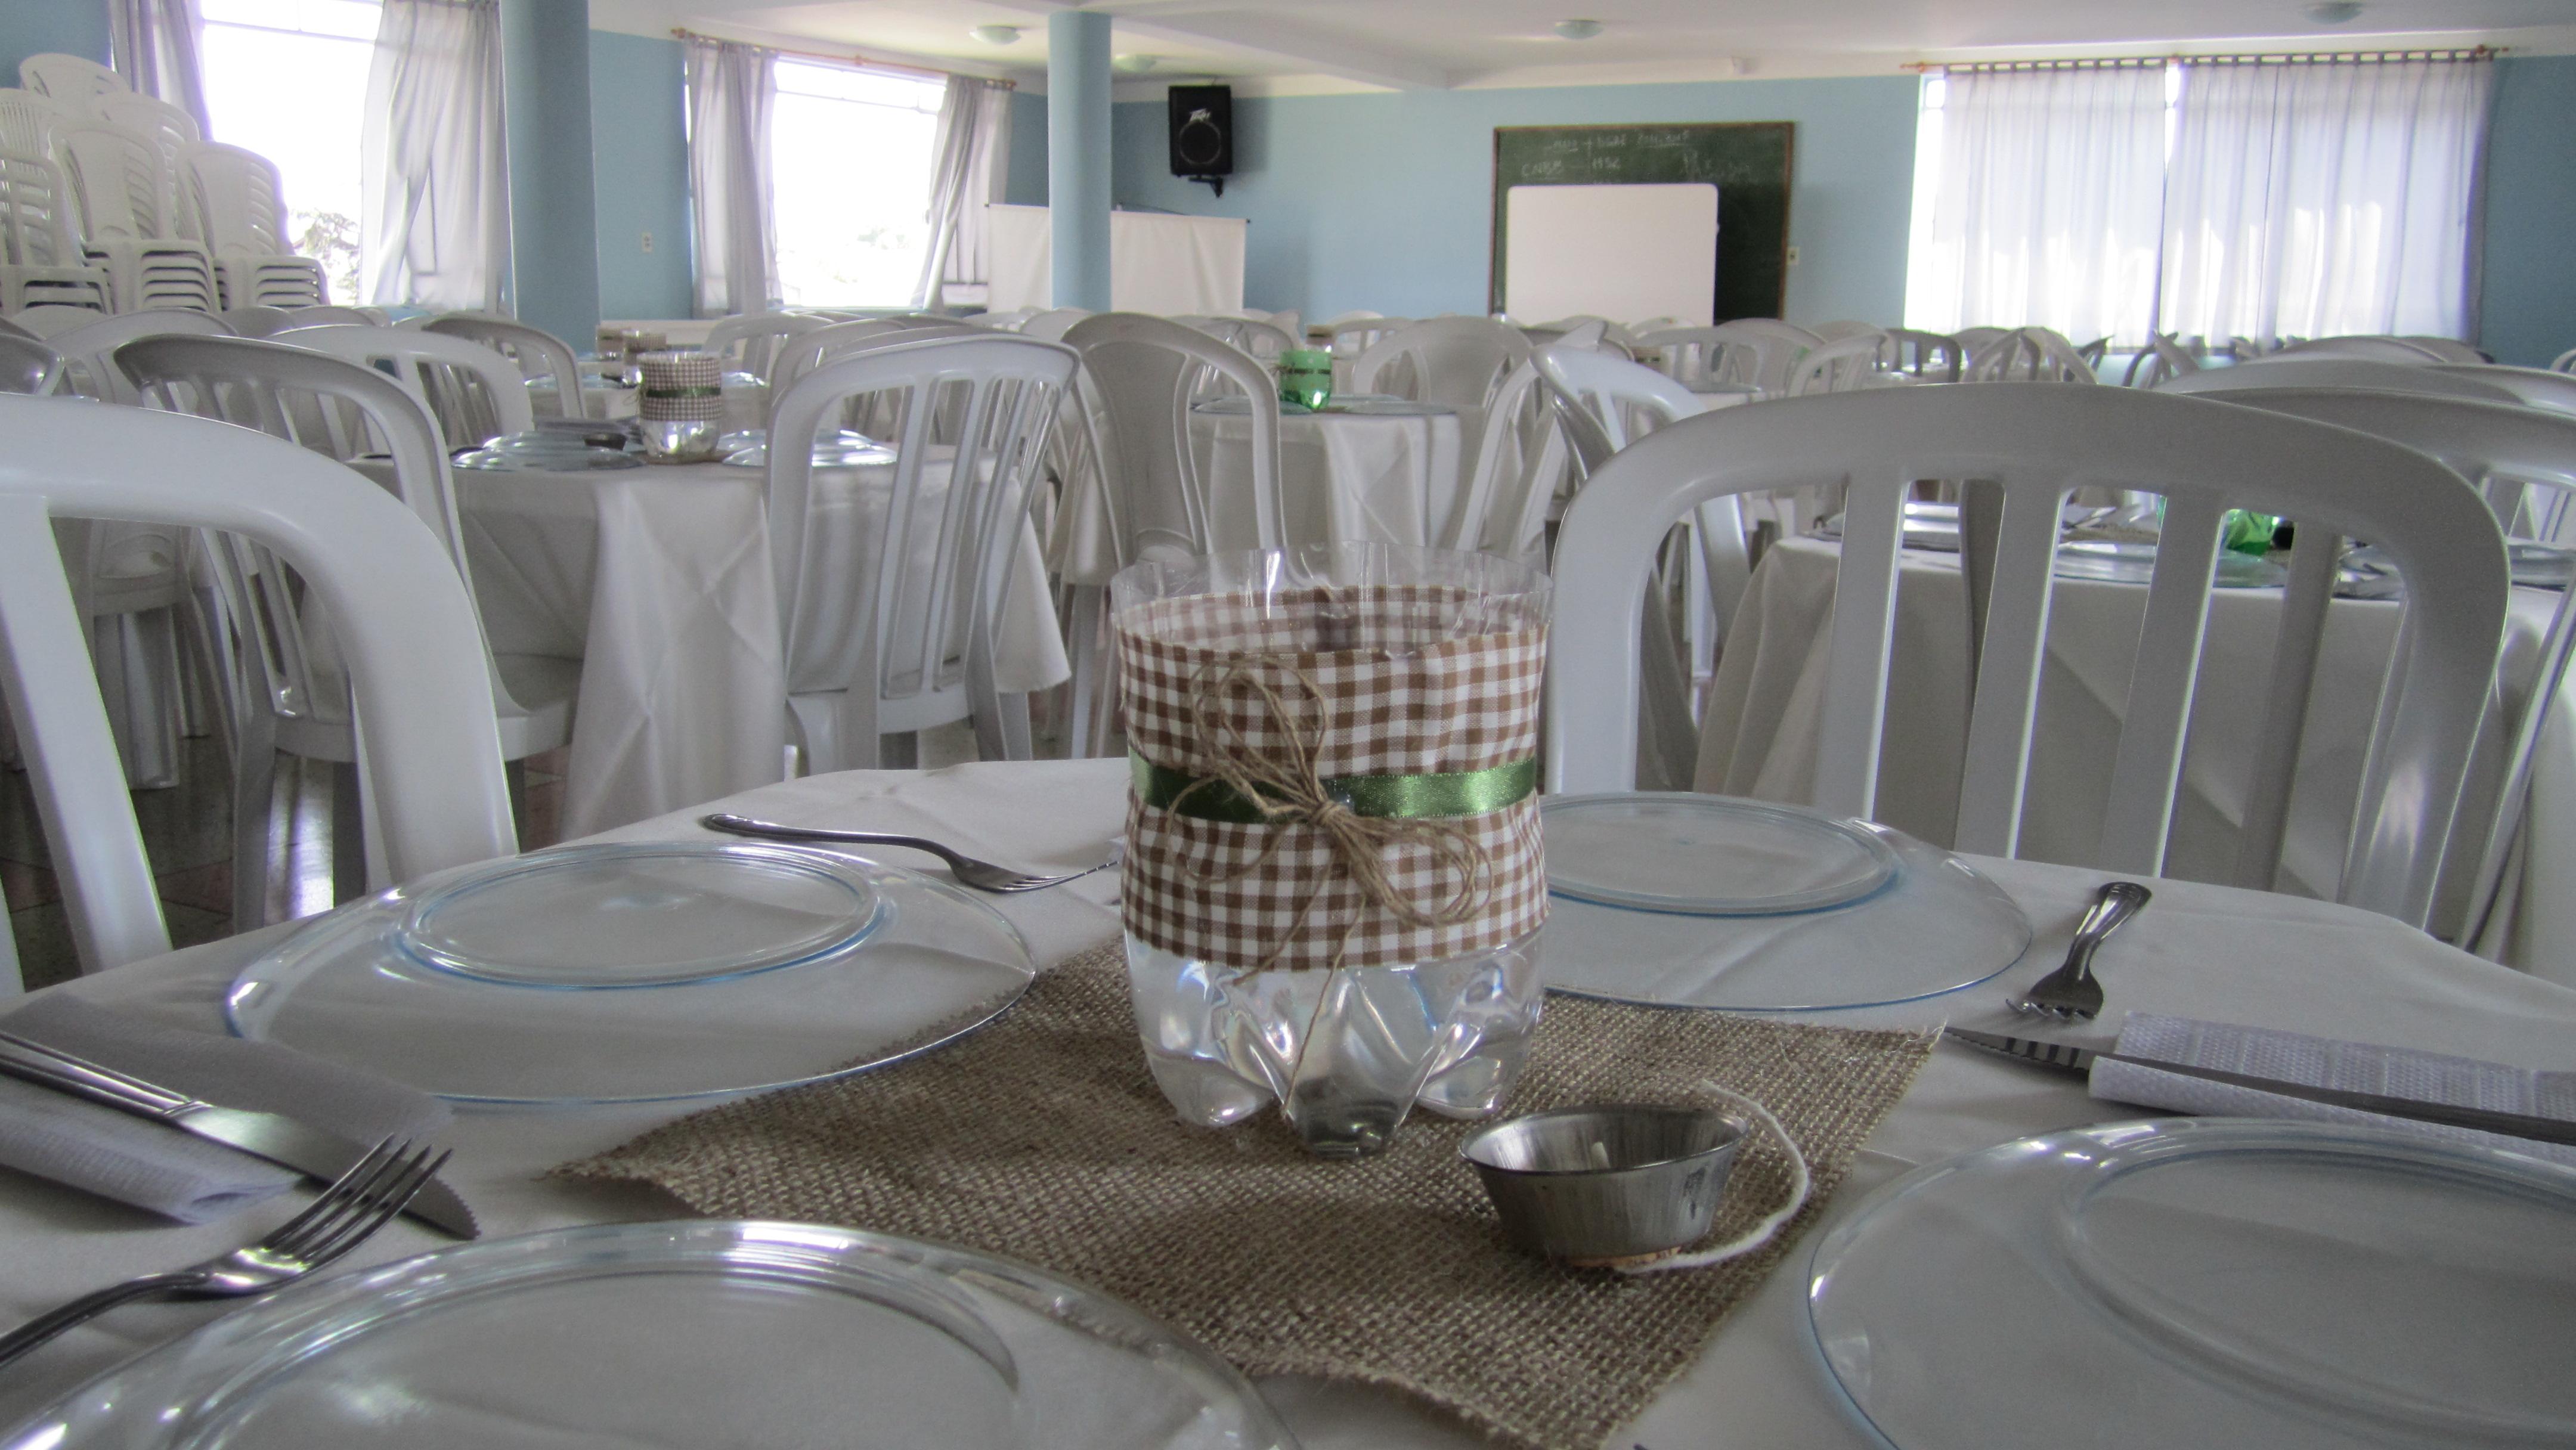 #595146 Mesa de convidados ( fotos de Cristina Quadrini ) 4320x2432 px Idéias Arranjo Cozinha_228 Imagens